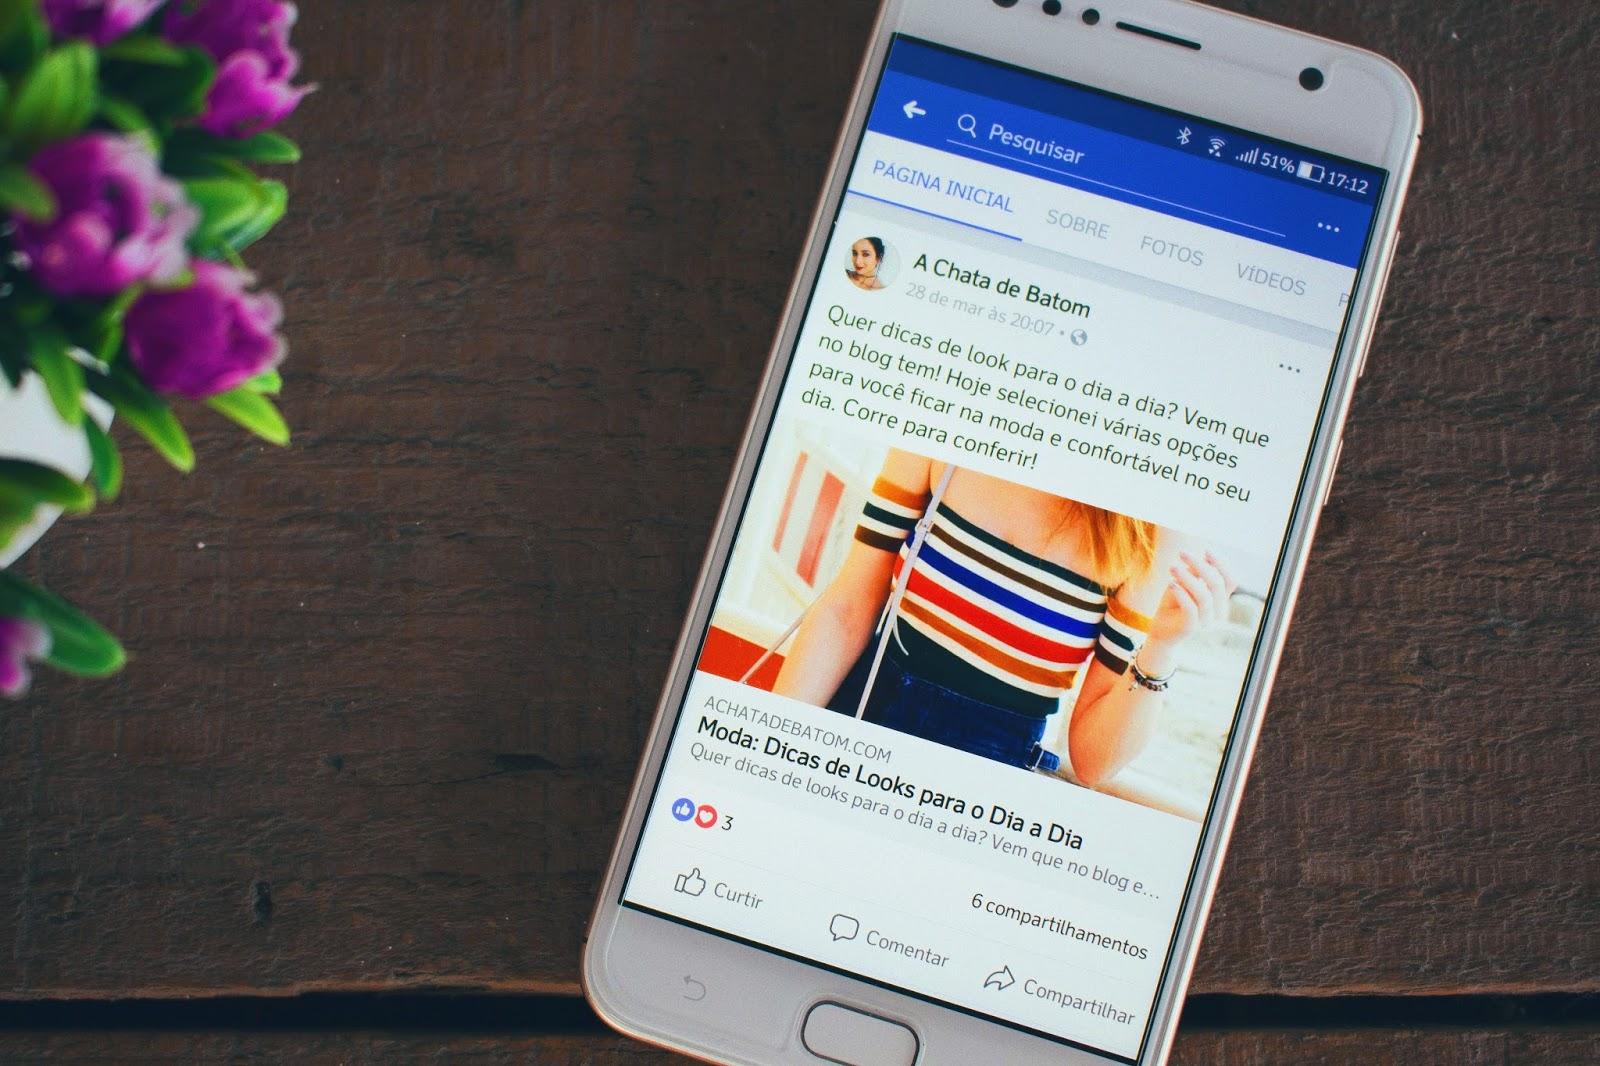 Já Curtiu o A Chata de Batom no Facebook?